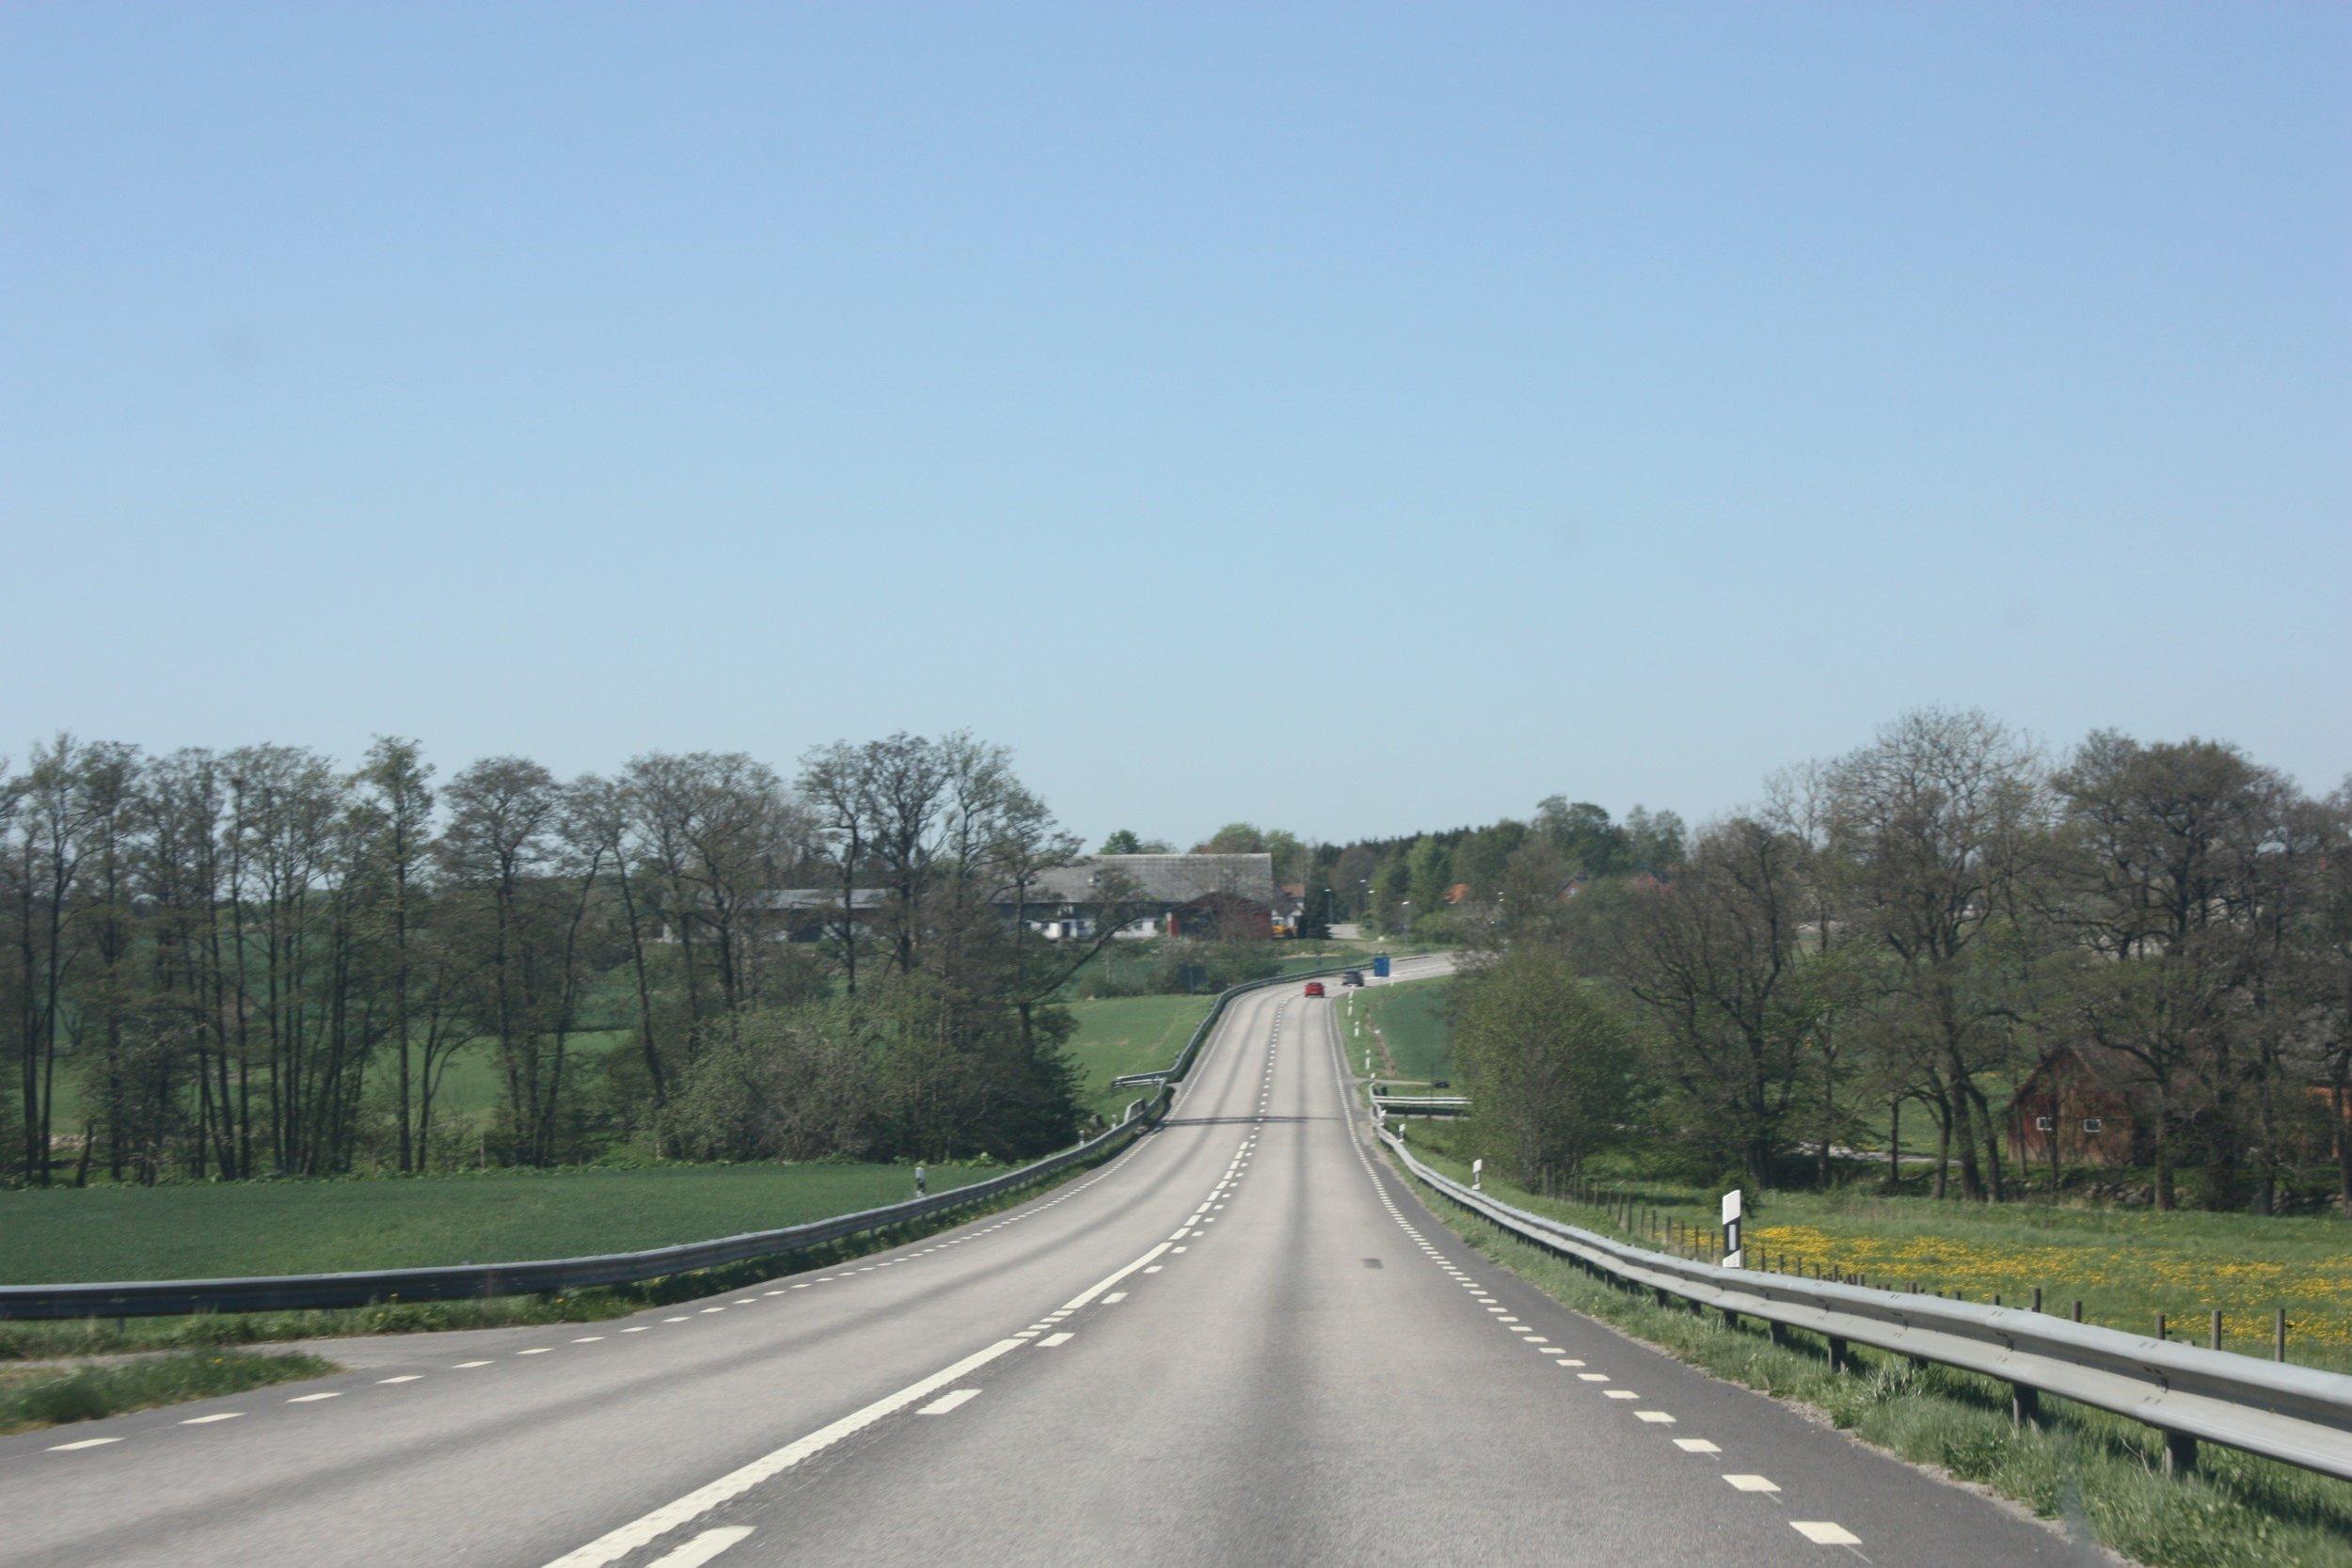 Vy västerut från Tomelilla mot Ramsåsa längs väg 11